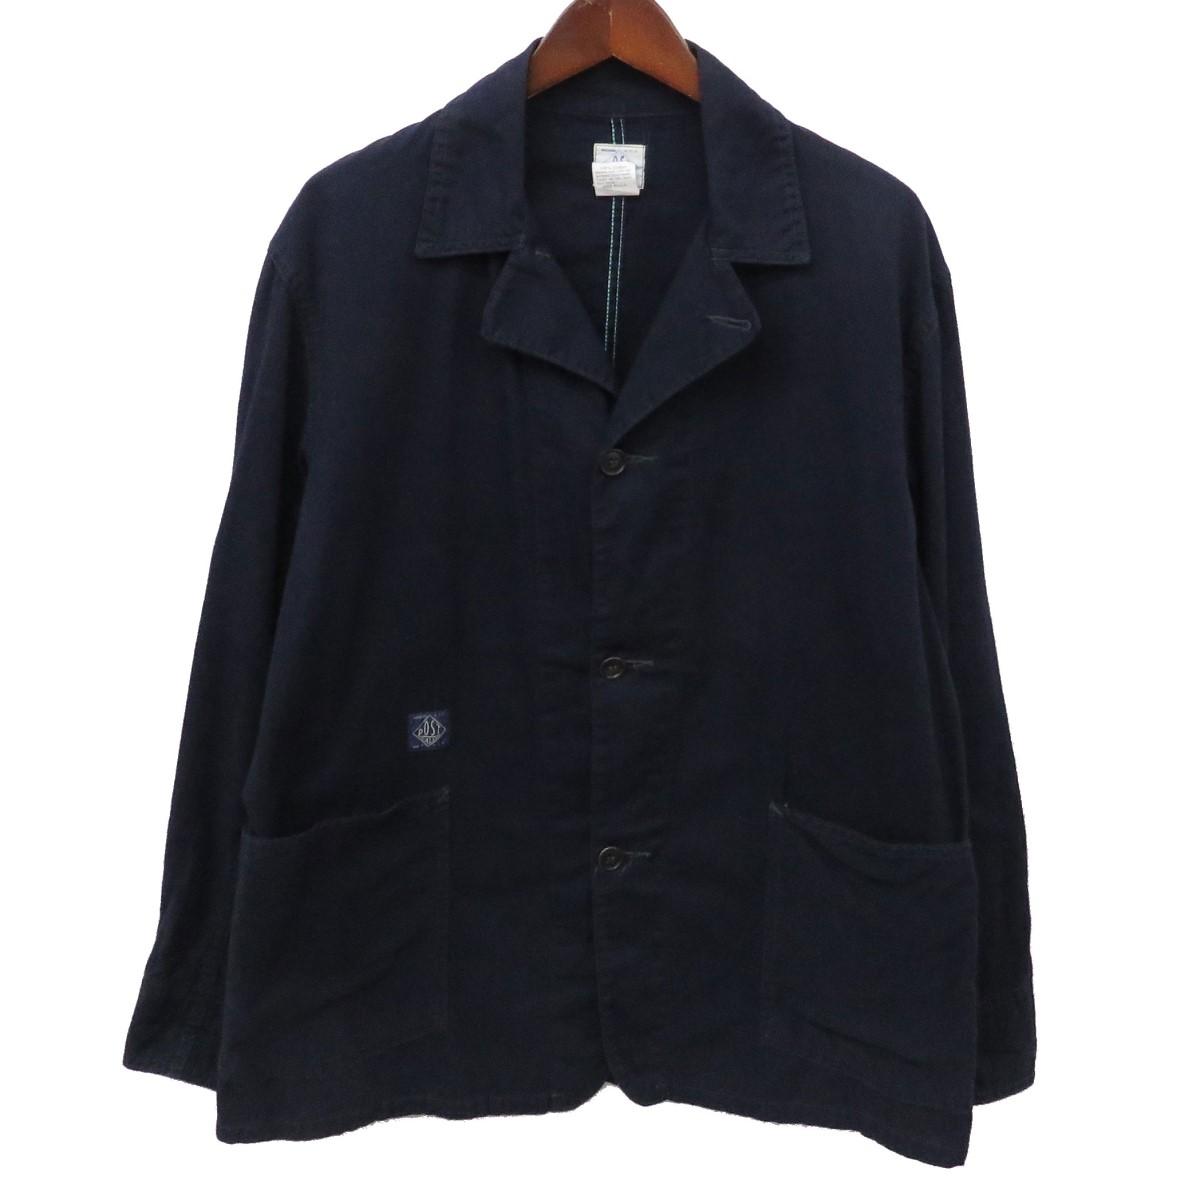 【中古】POST O'ALLS カバーオール ワークジャケット ネイビー サイズ:M 【220420】(ポストオーバーオールズ)